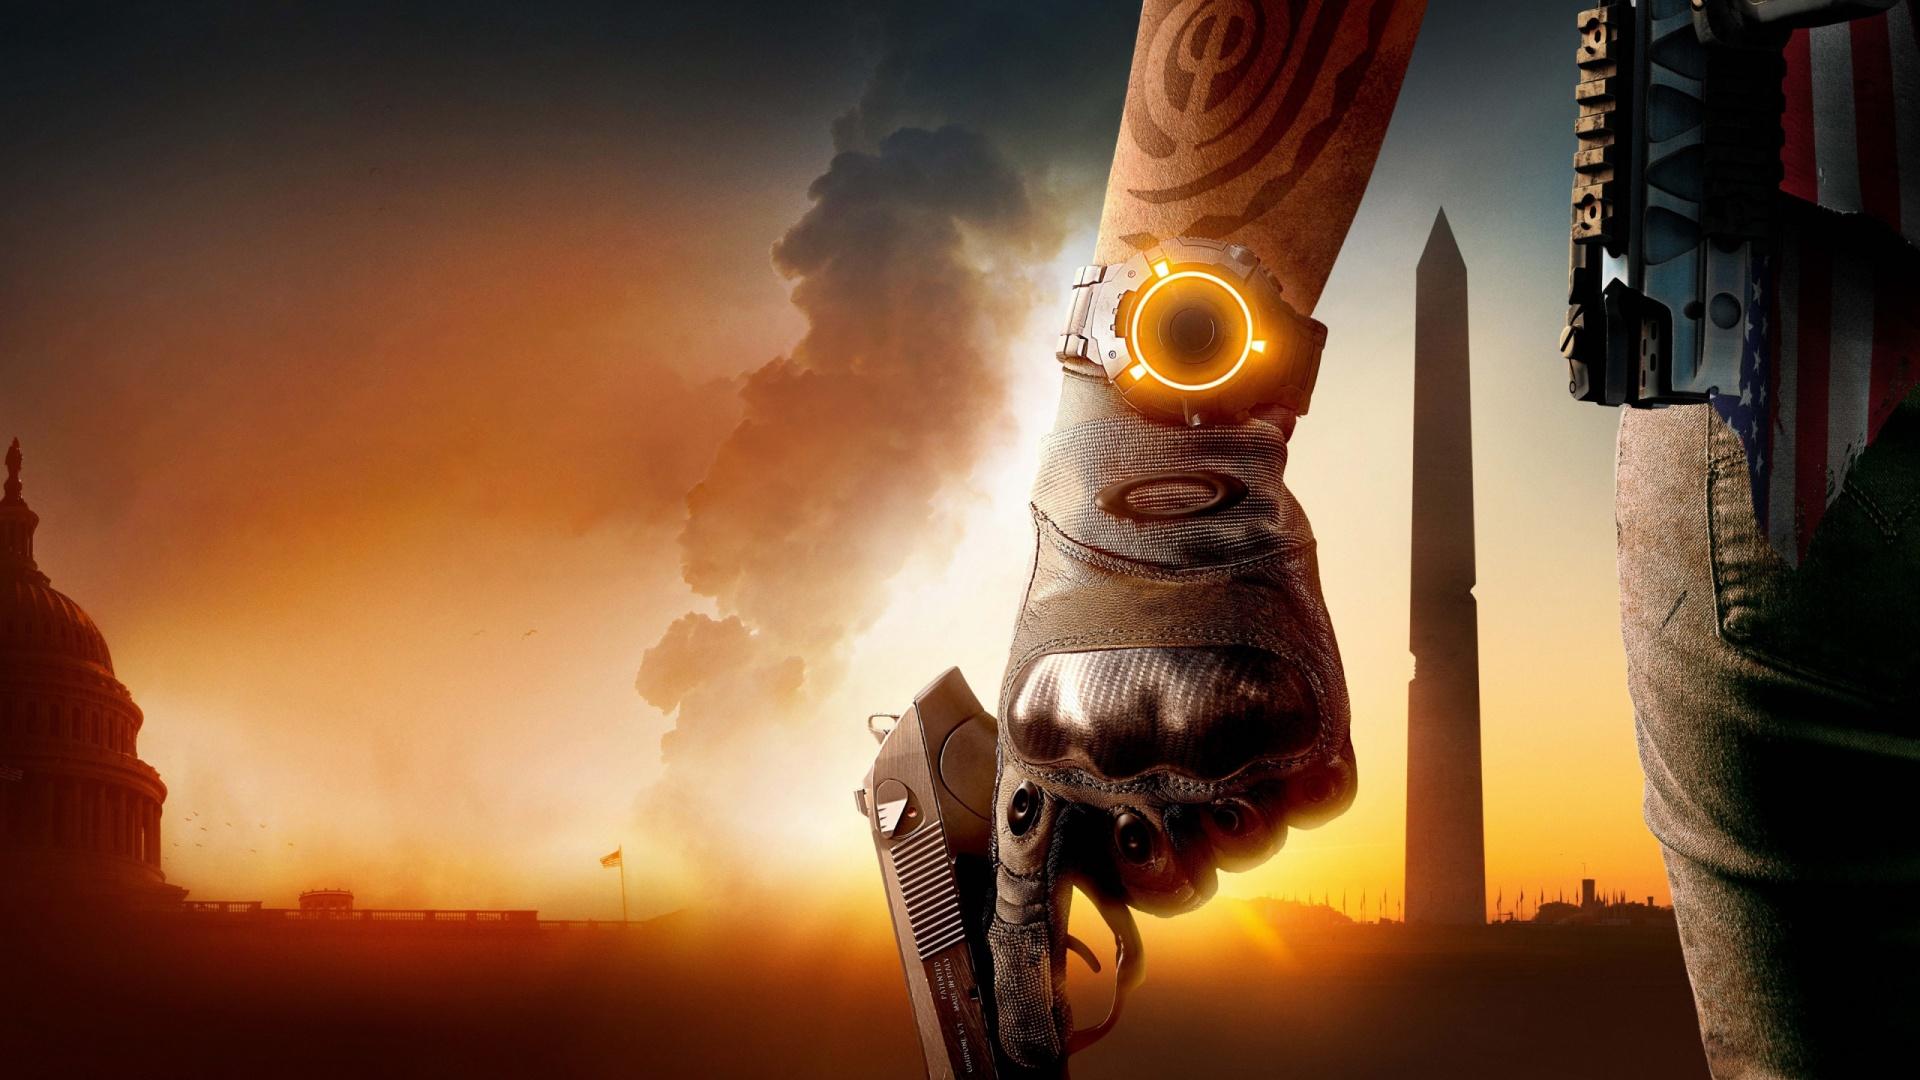 Второй сюжетный эпизод The Division2 выйдет15 октября — детали DLC